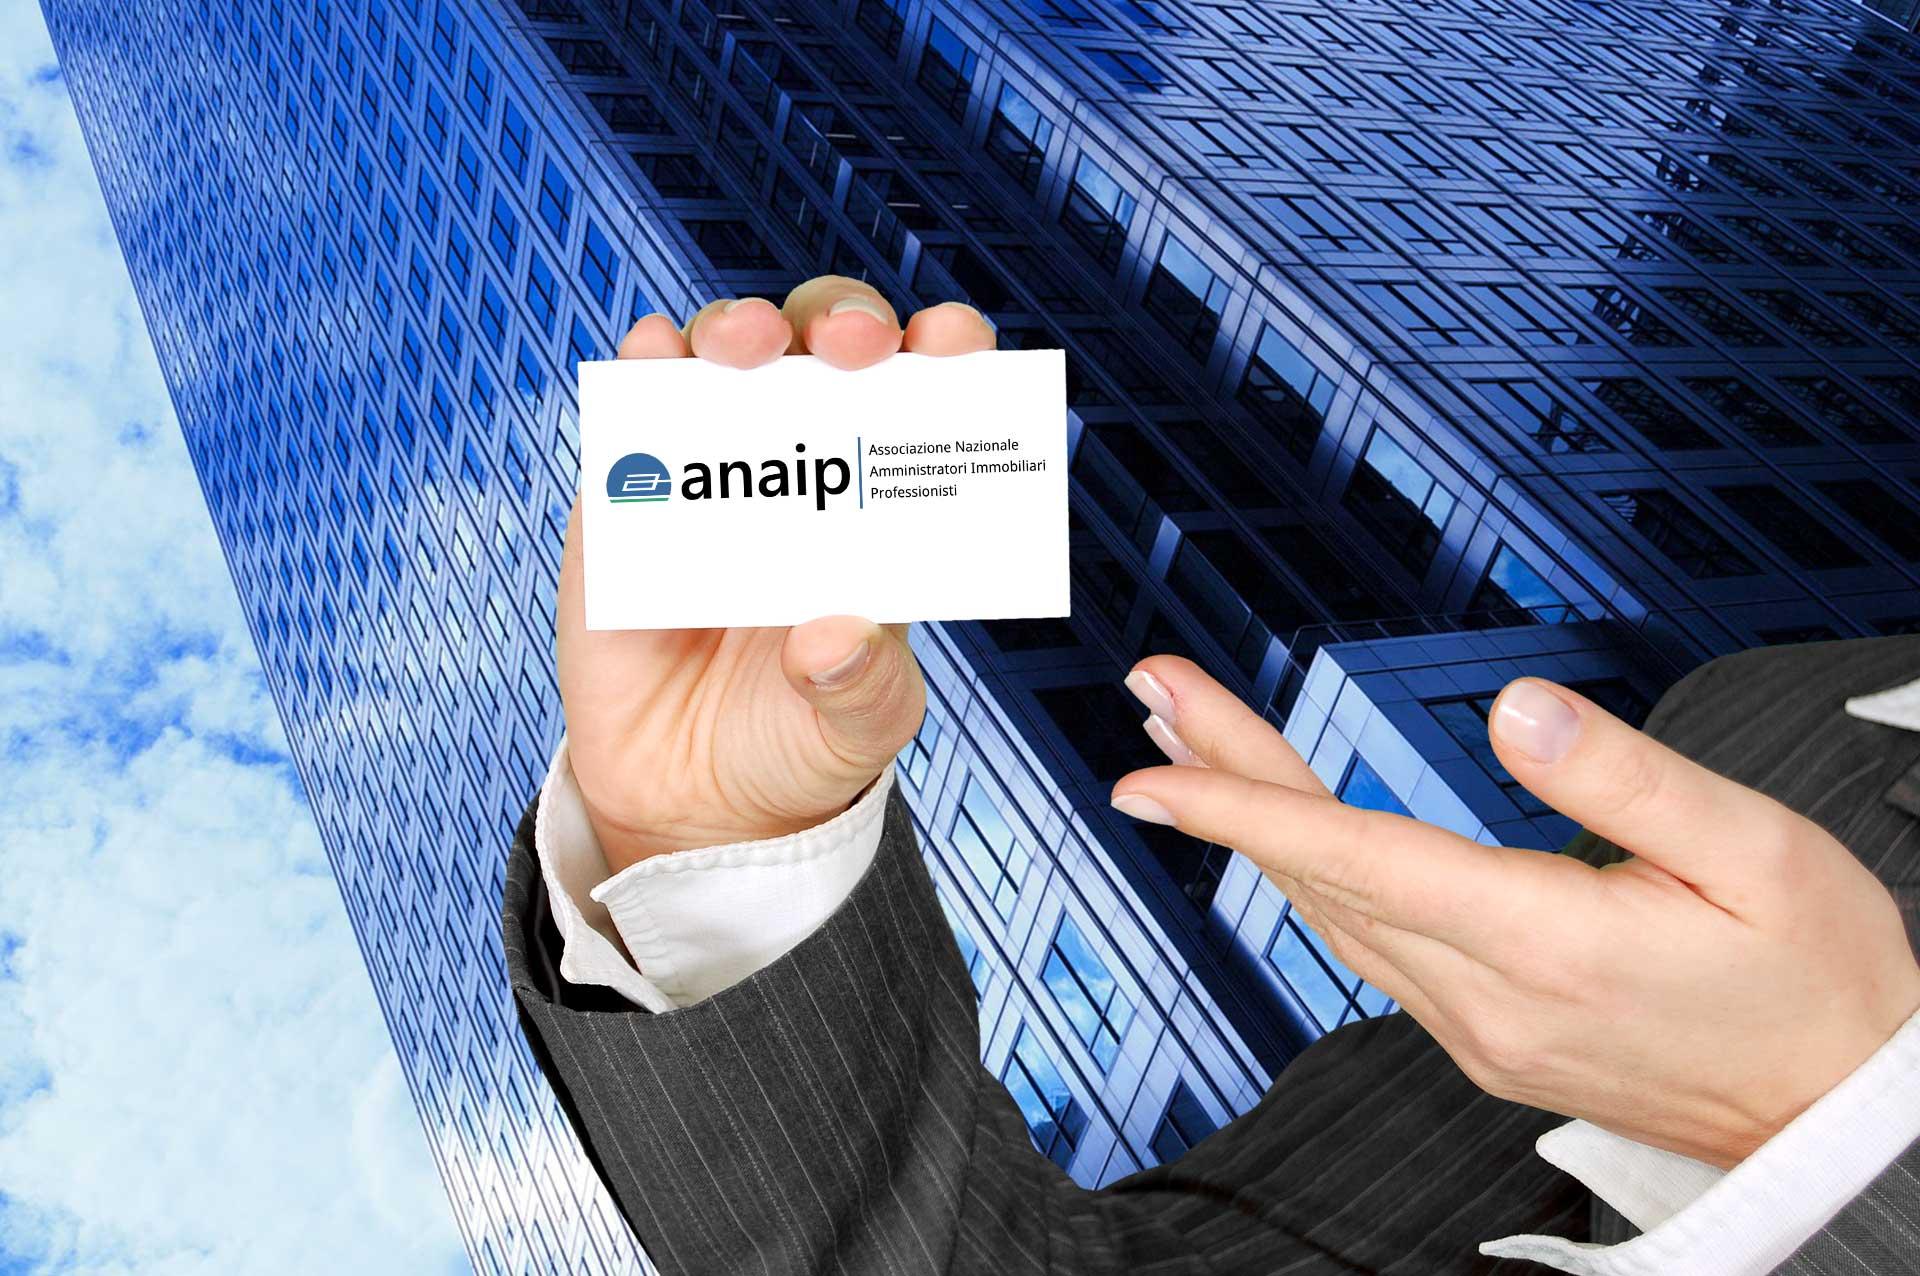 ANAIP Nuova Versione Logo